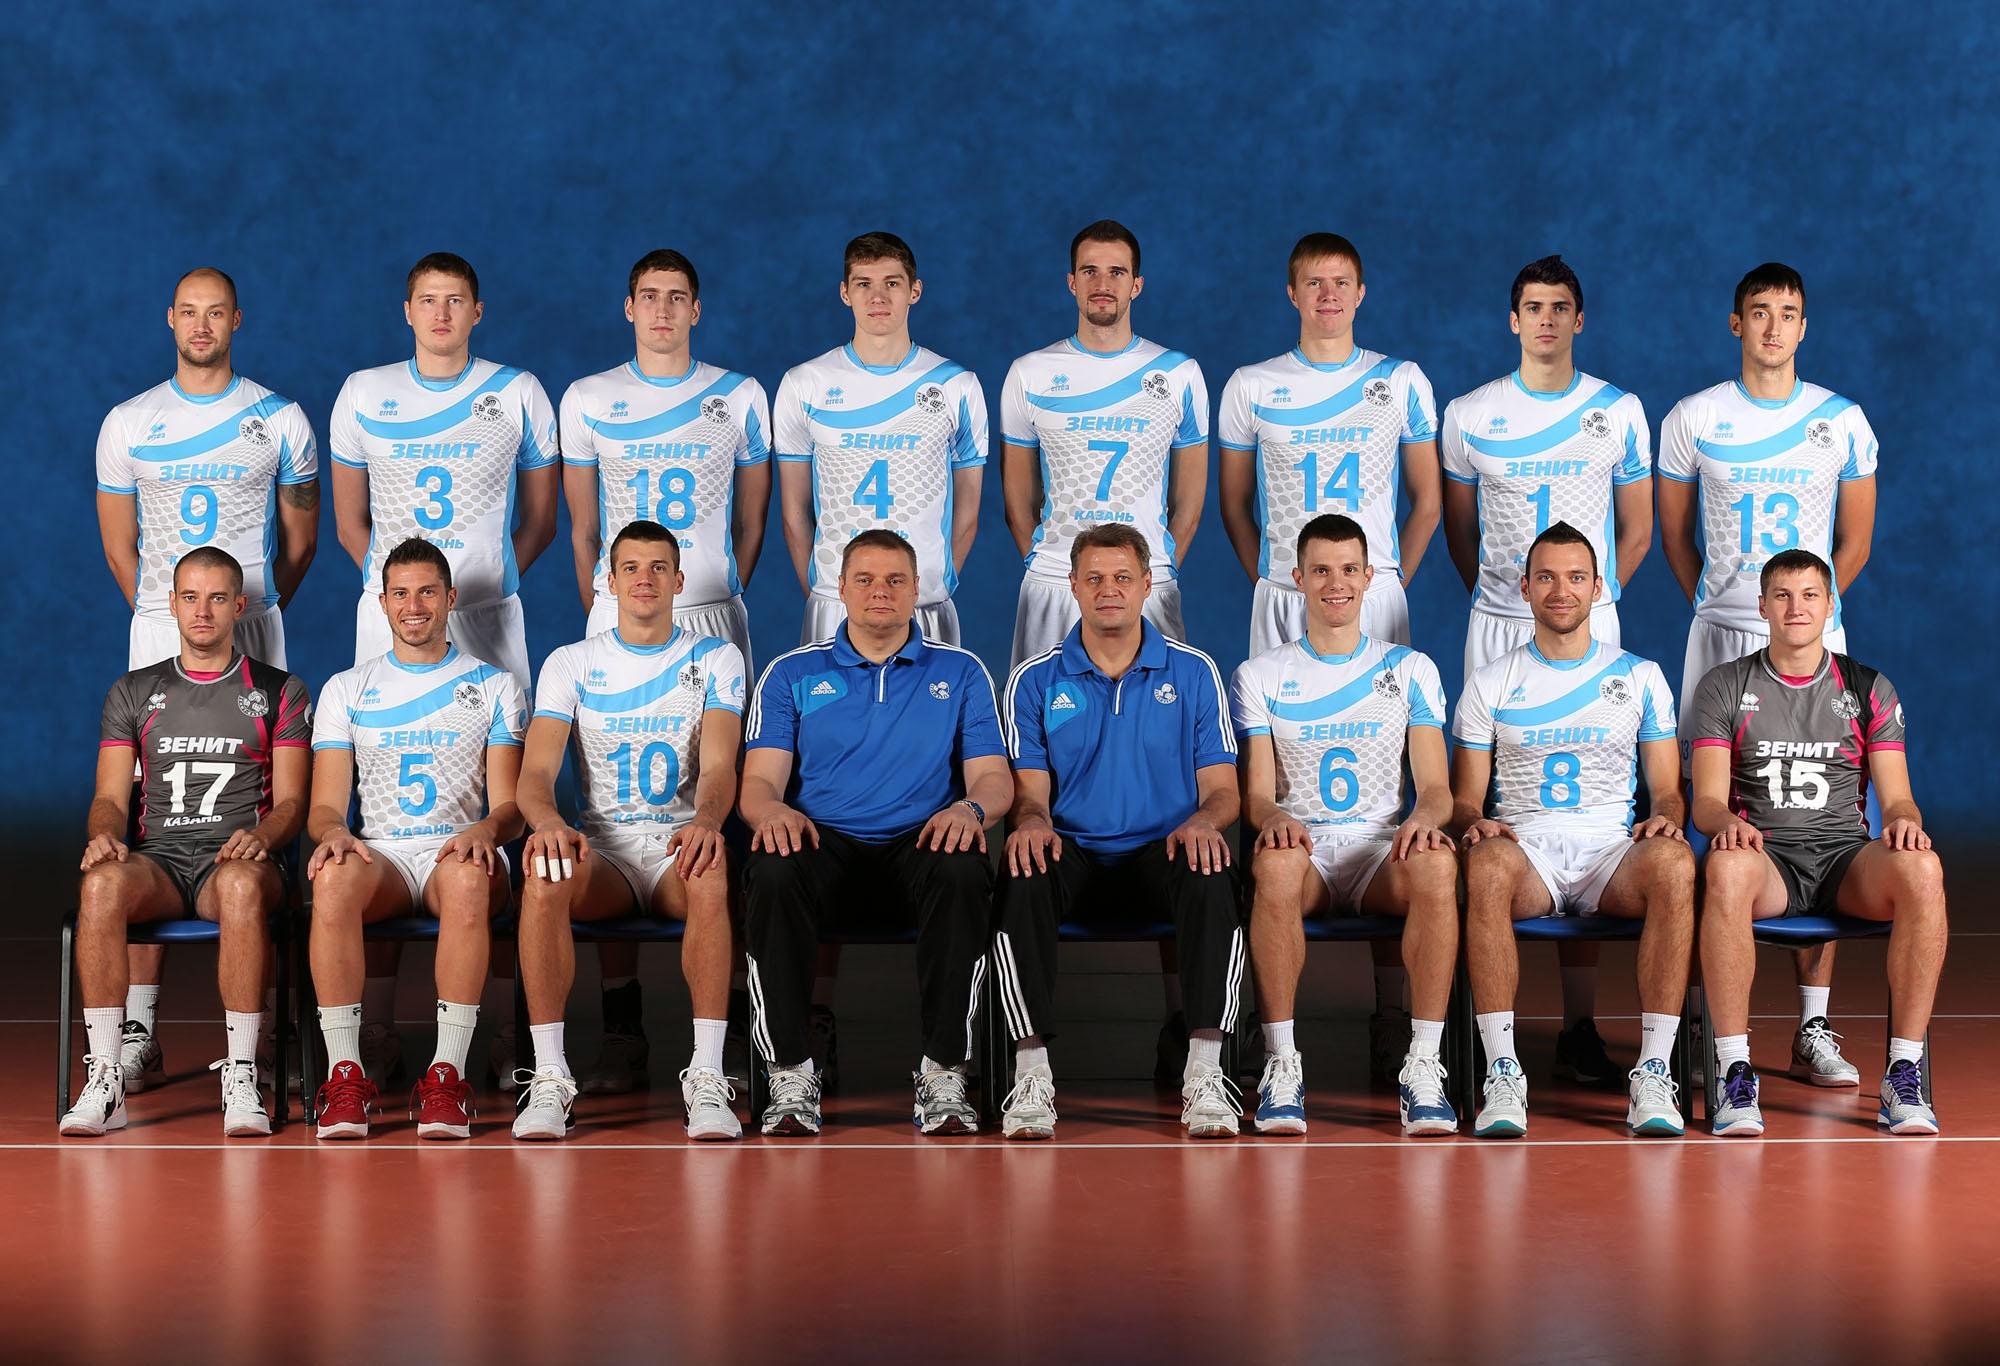 Волейбольный клуб зенит казань - 9